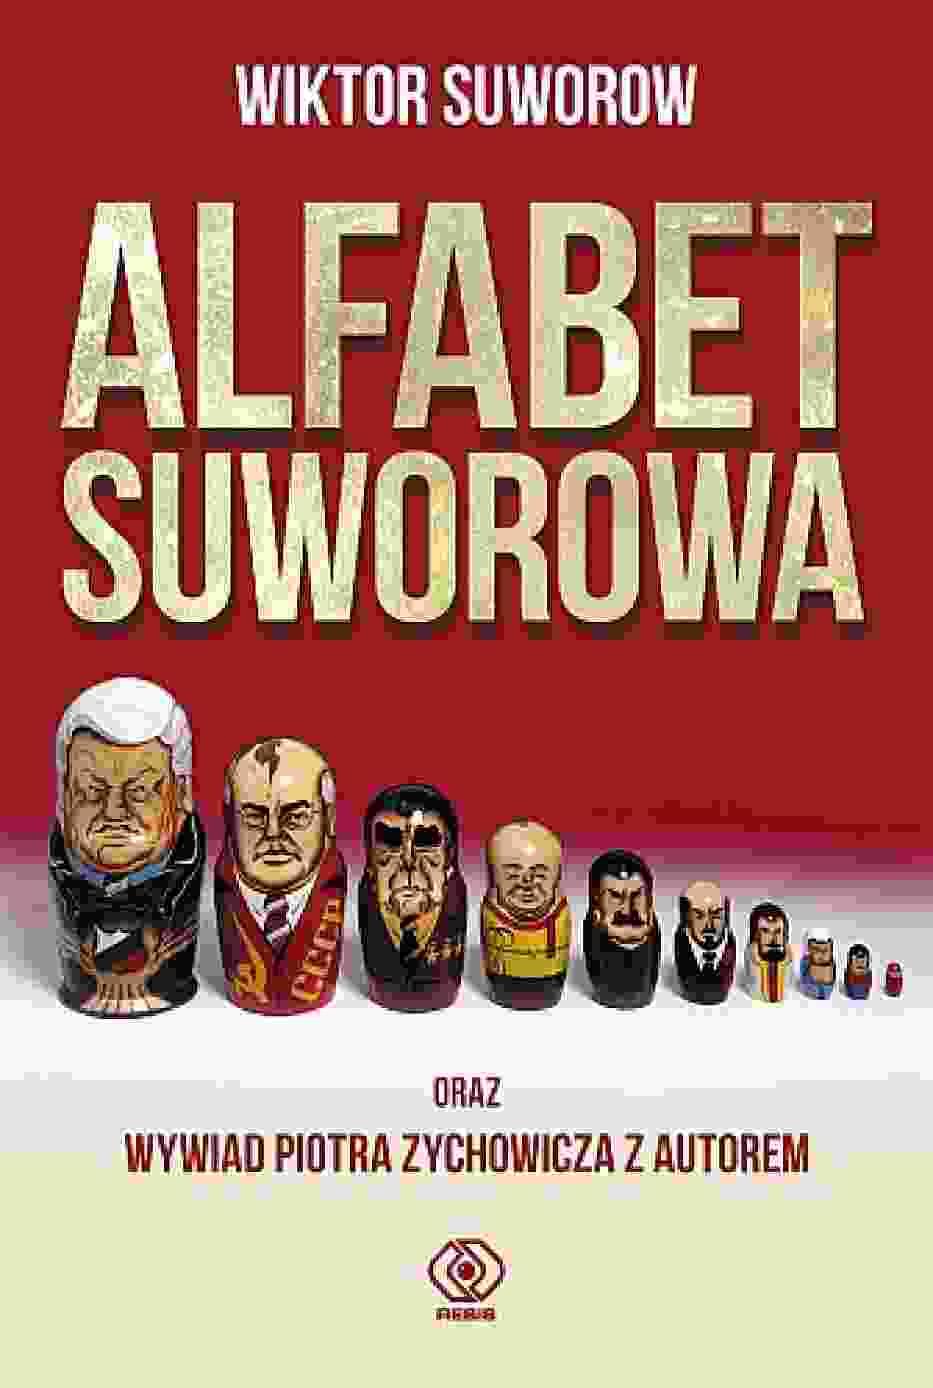 Alfabet Suworowa